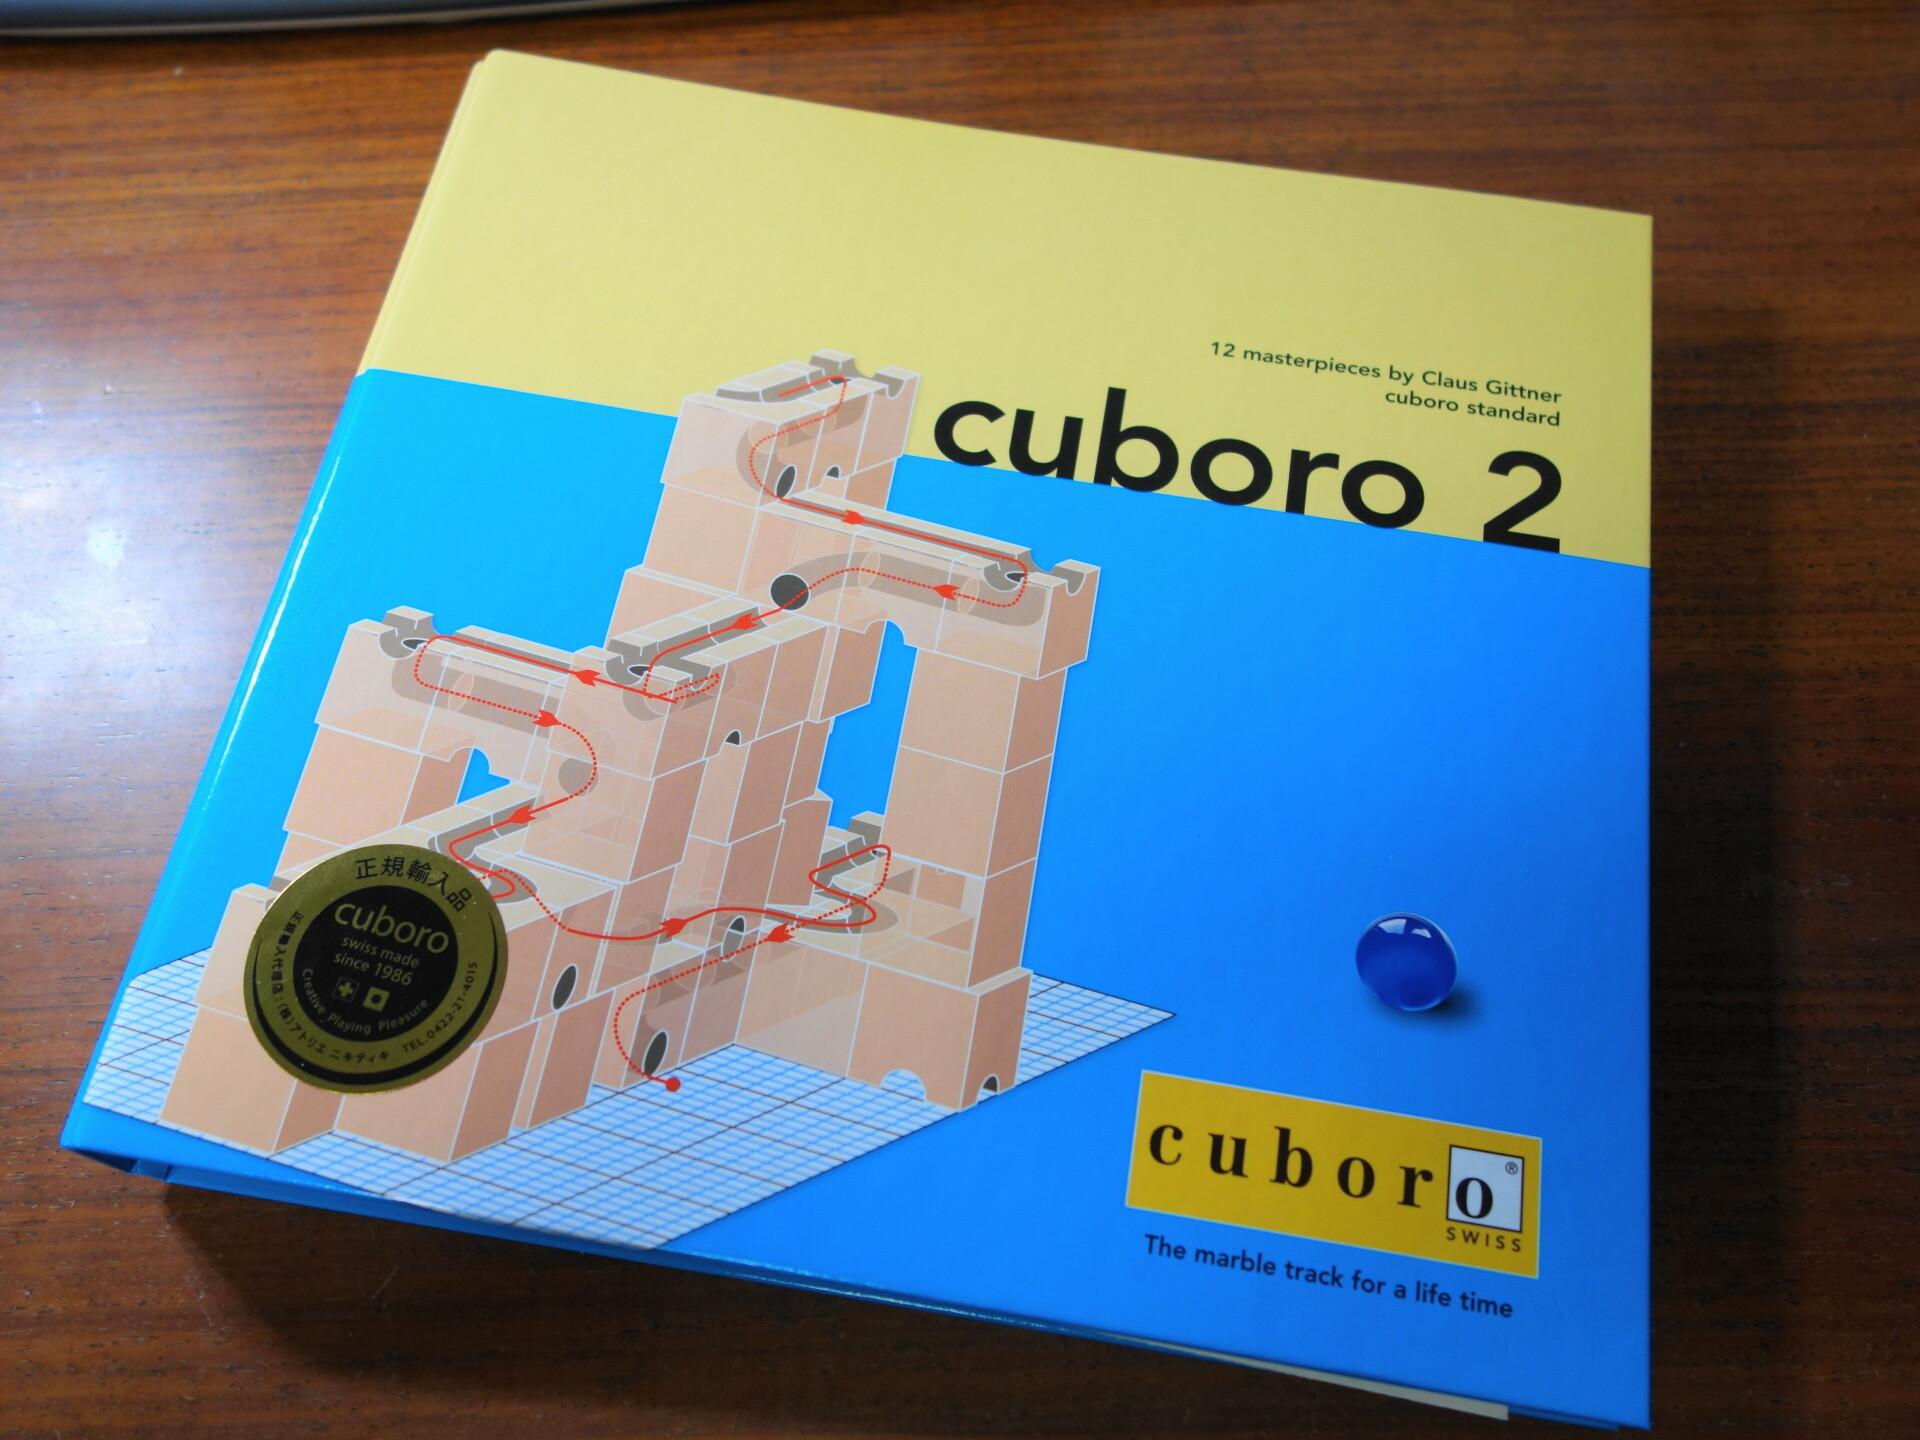 cuboro2のバインダー外観